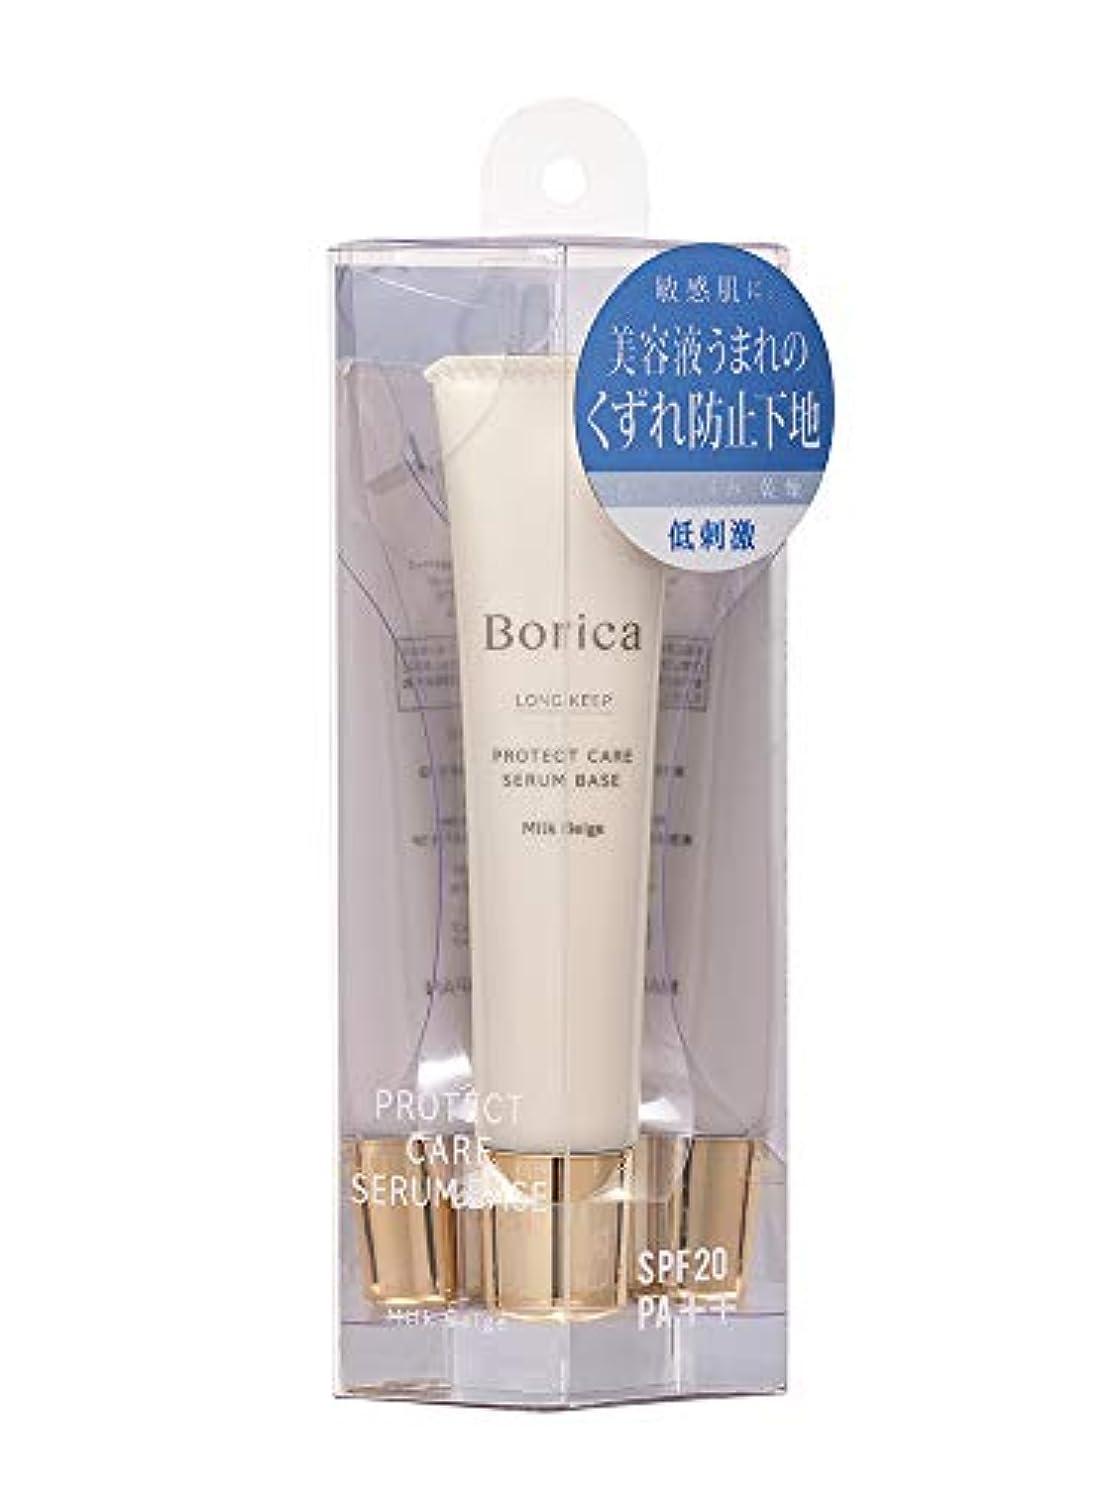 見かけ上心配最も早いBorica ボリカ くずれ防止 美容液ケアベース<ミルクベージュ>